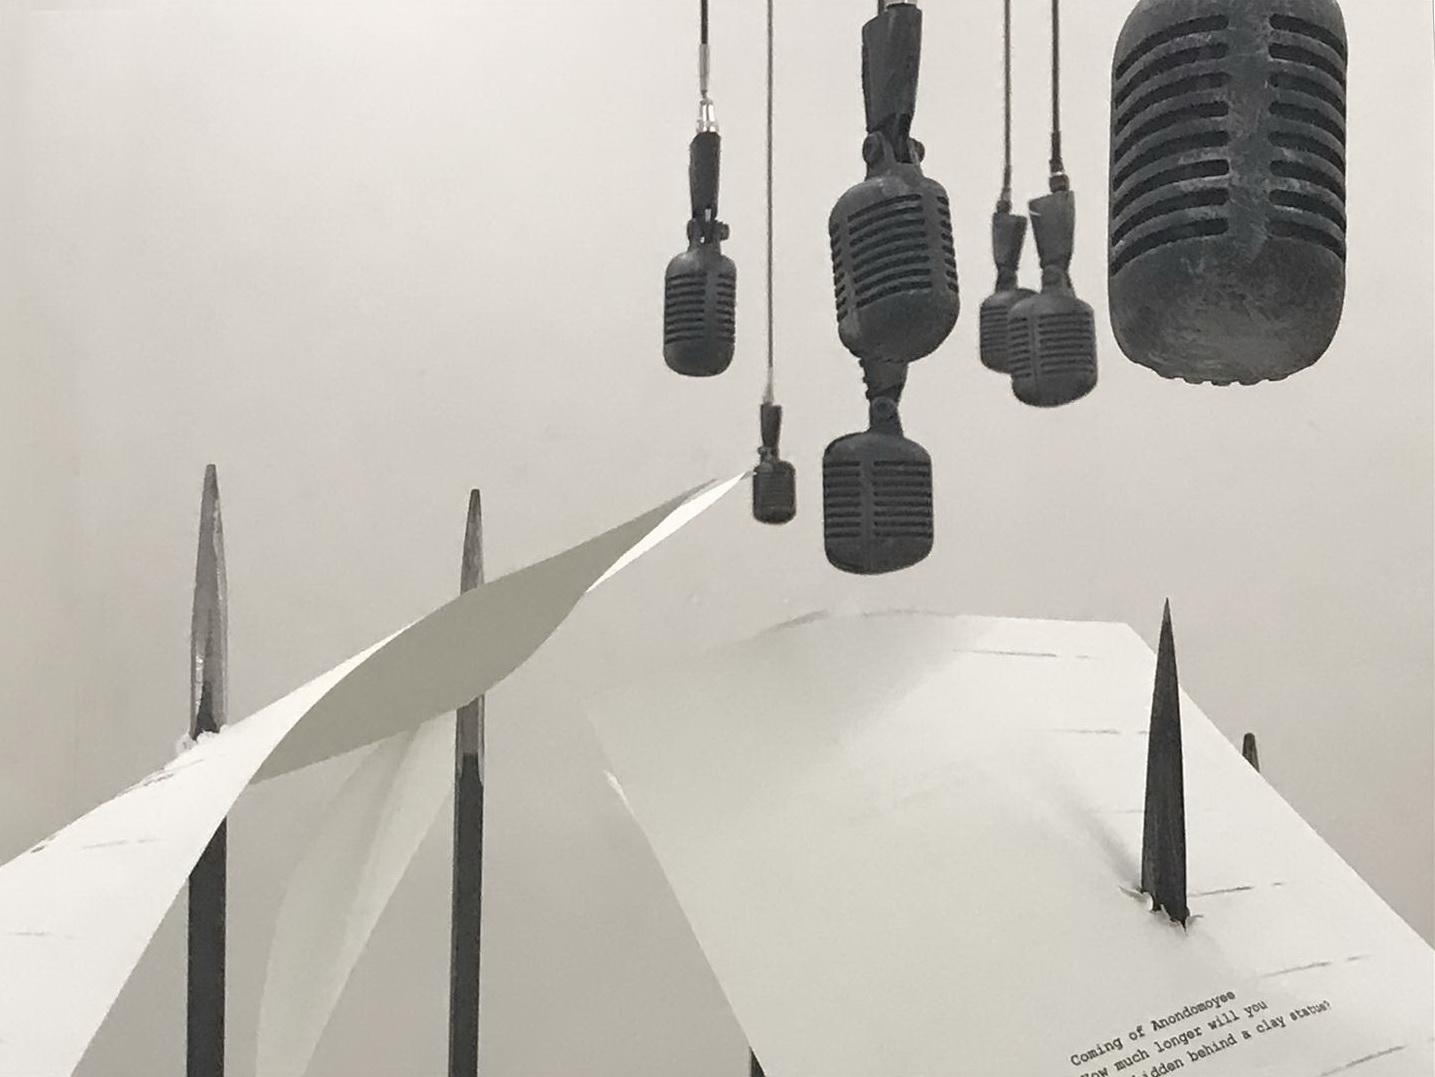 YARAT представляет персональную выставку всемирно известной индийской художницы Шилпы Гупты – ФОТО